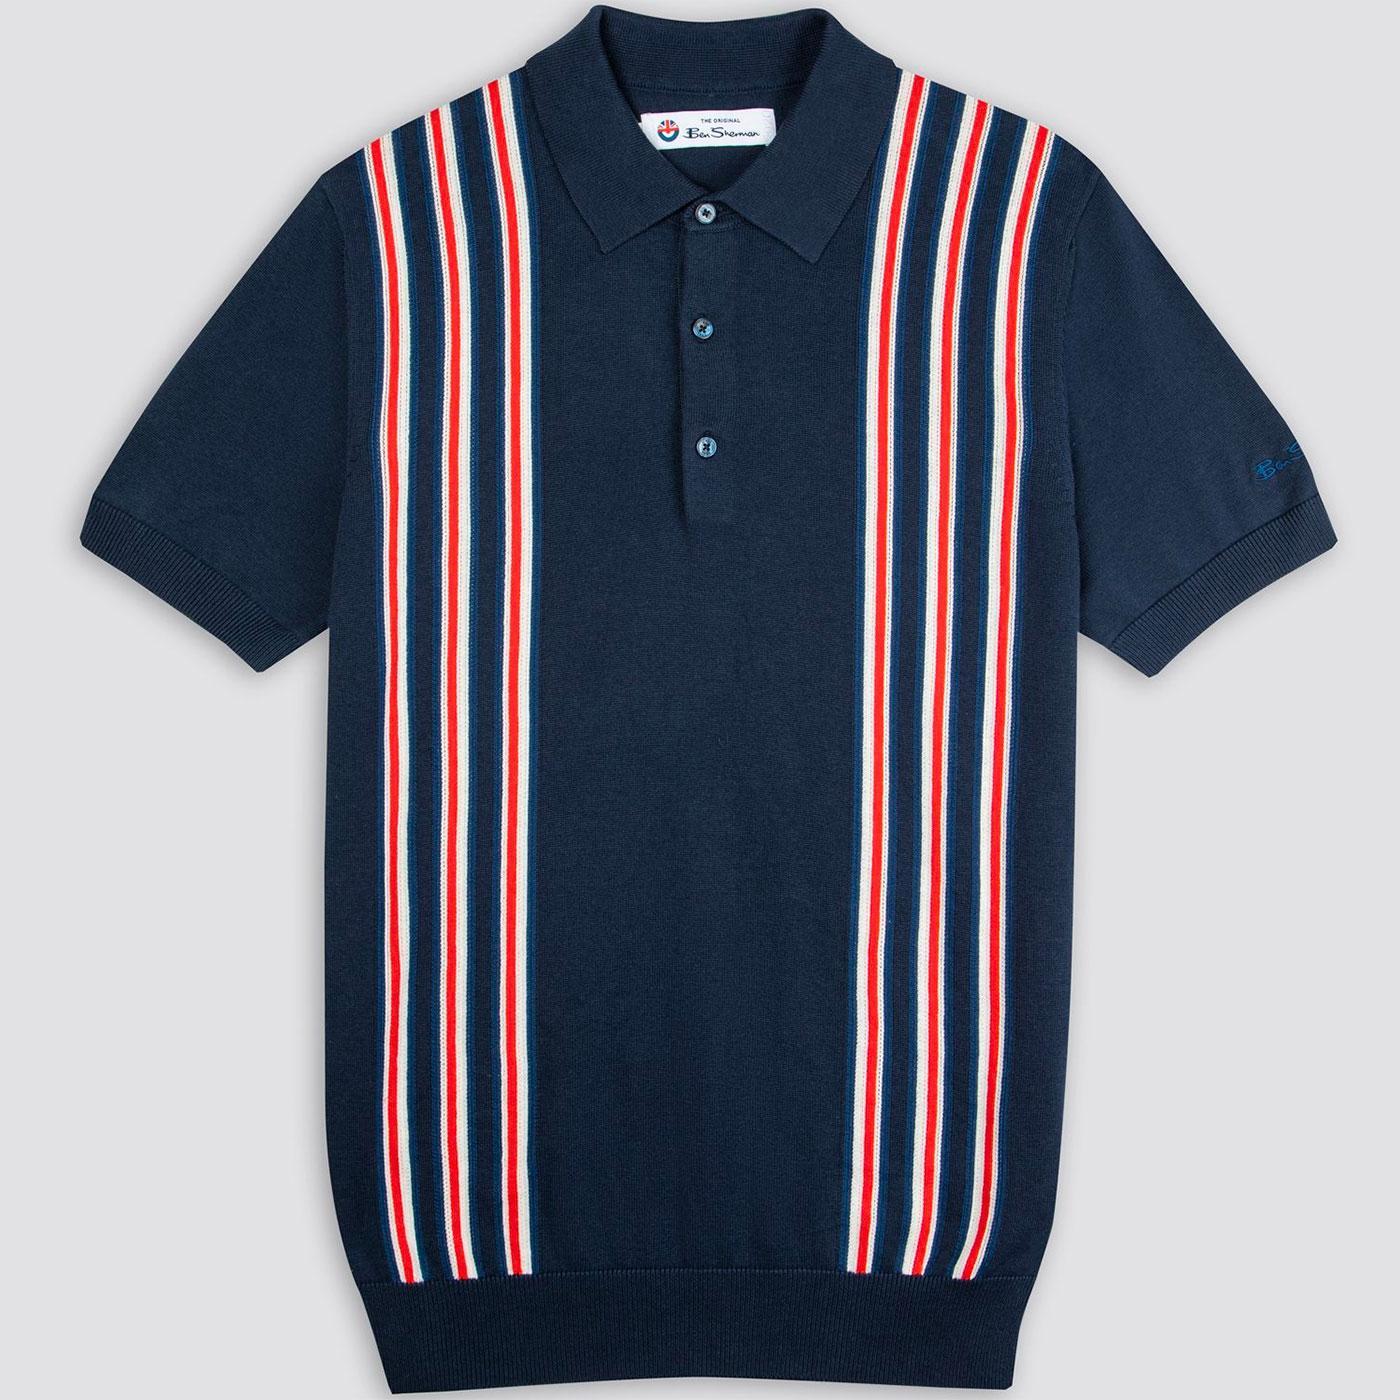 BEN SHERMAN x Team GB Mod Stripe Knit Polo Top